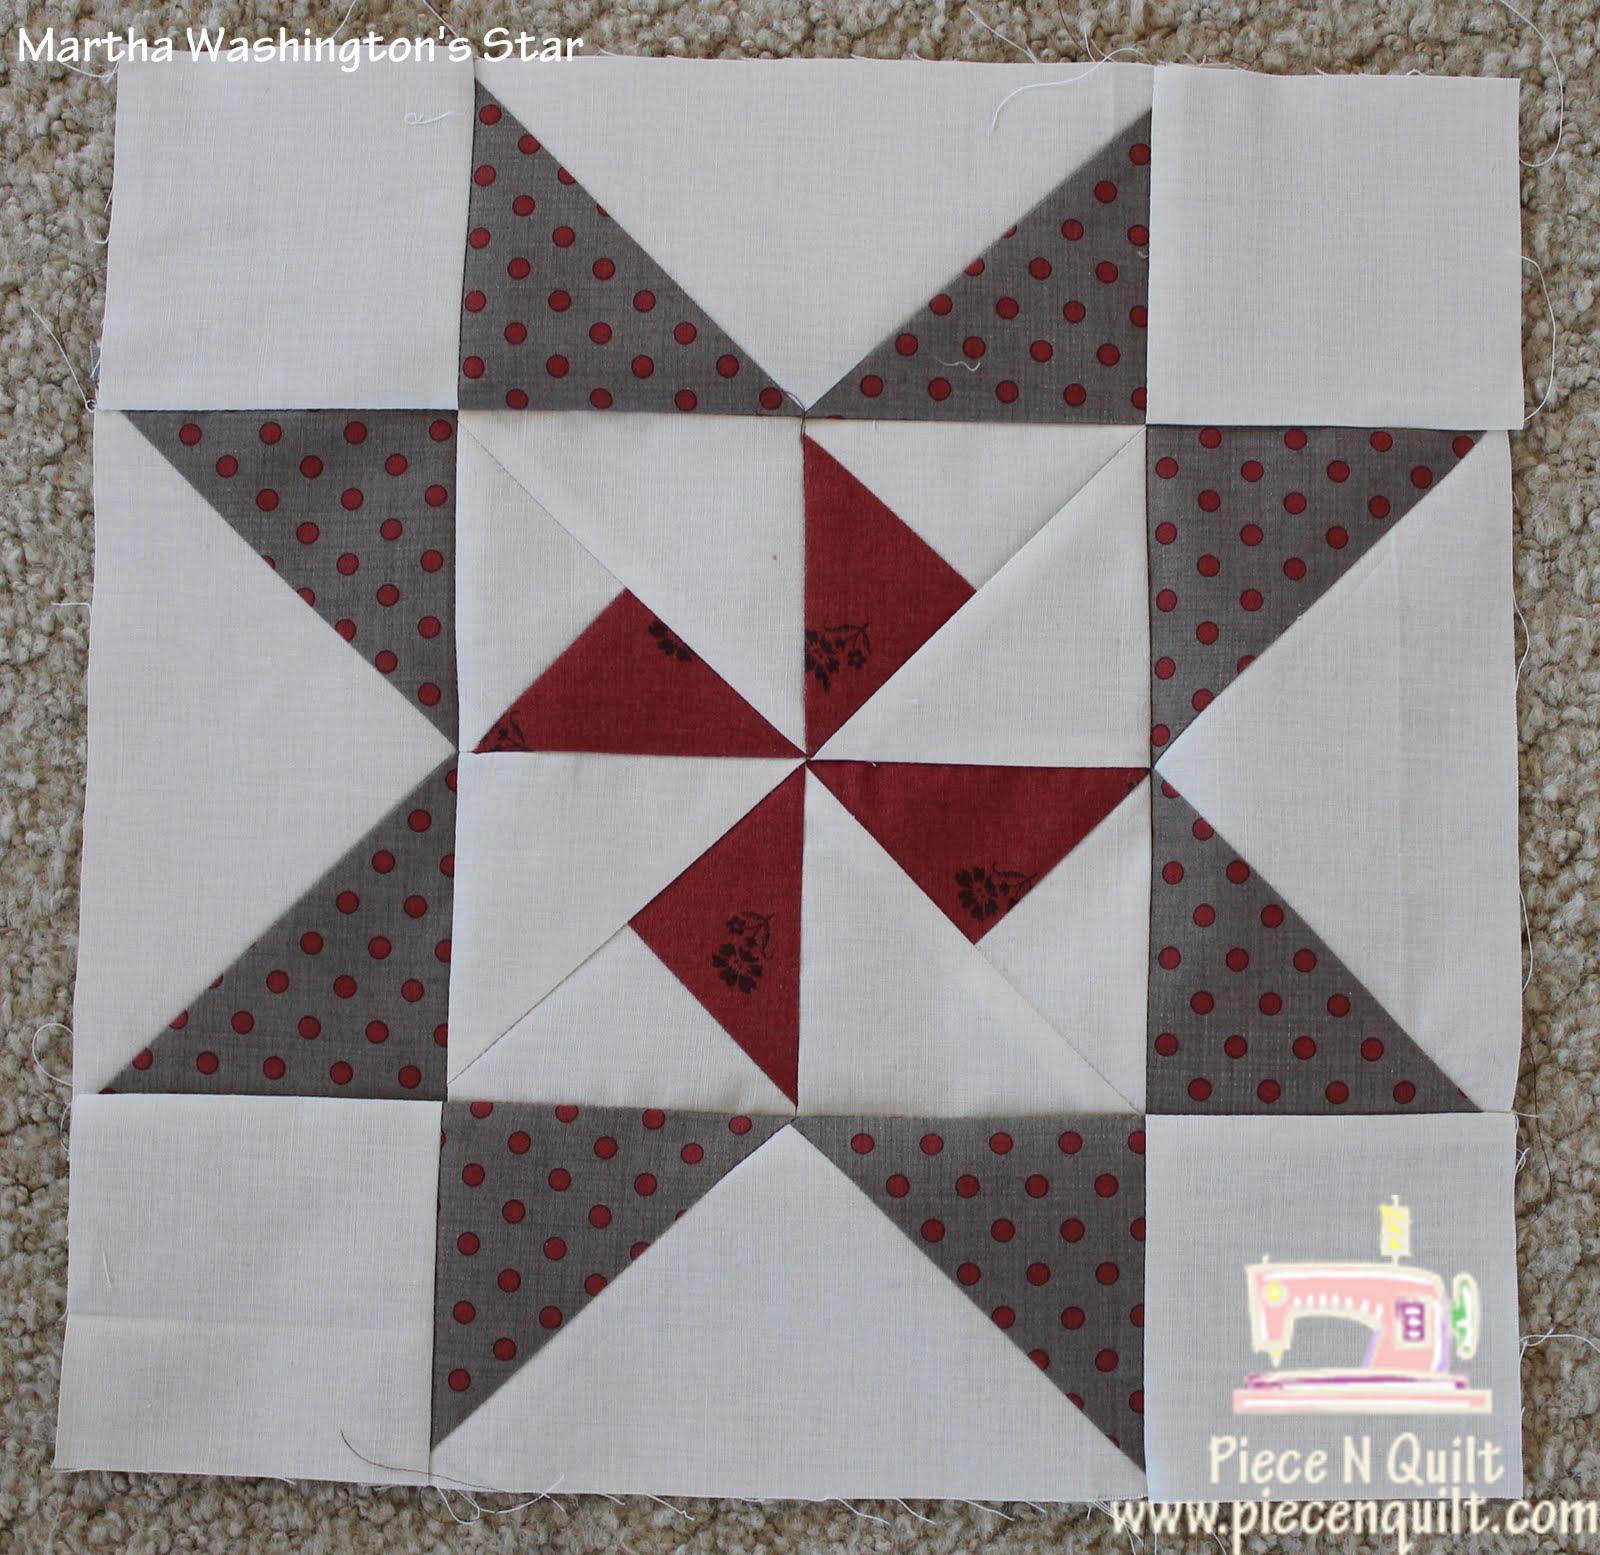 Piece N Quilt Star Quilt Martha Washington S Star